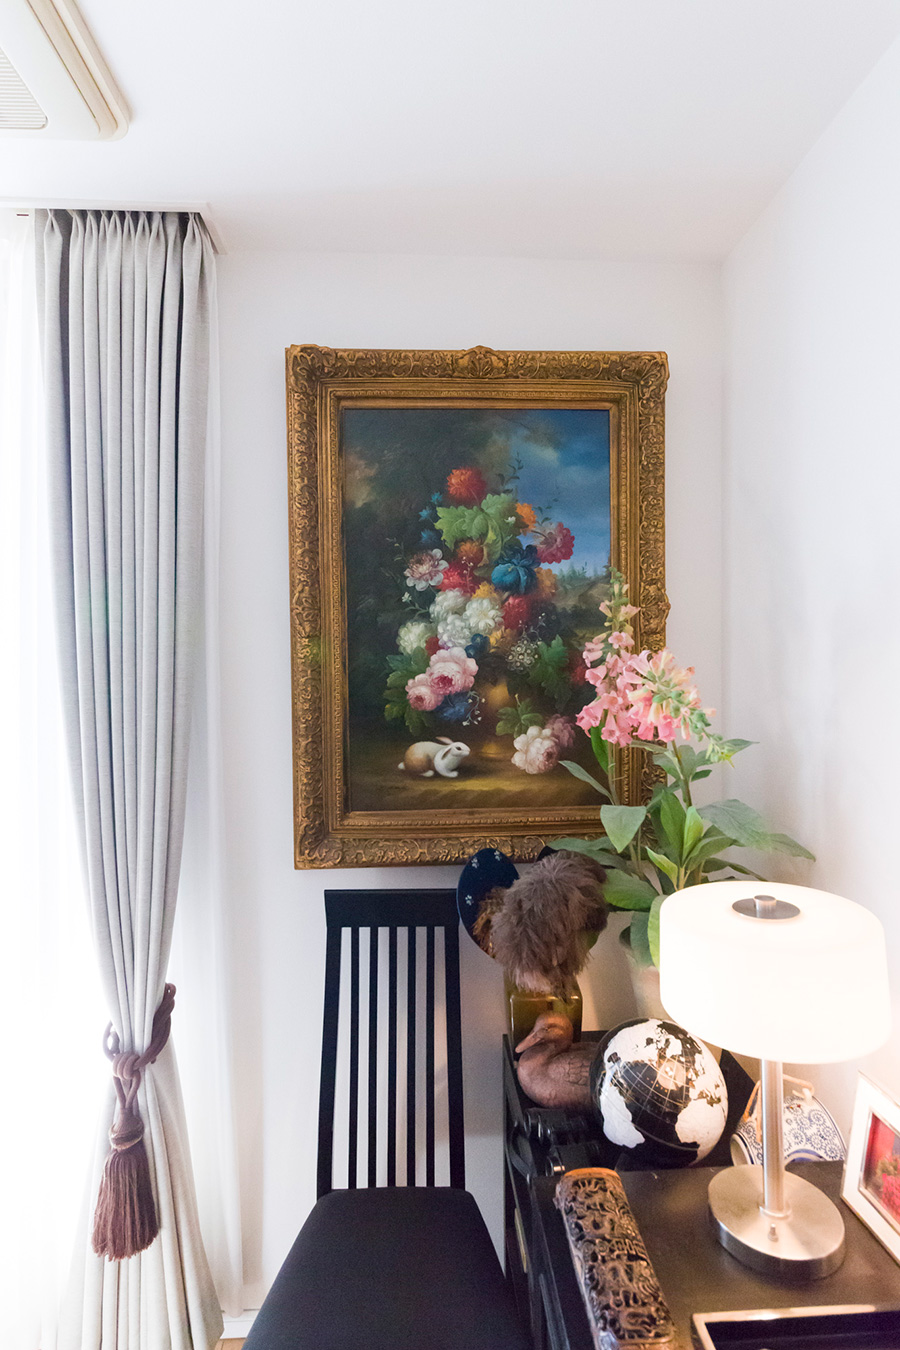 サイドボードの左側。花の絵の前に、フェイクフラワーを置いてより華やかに。